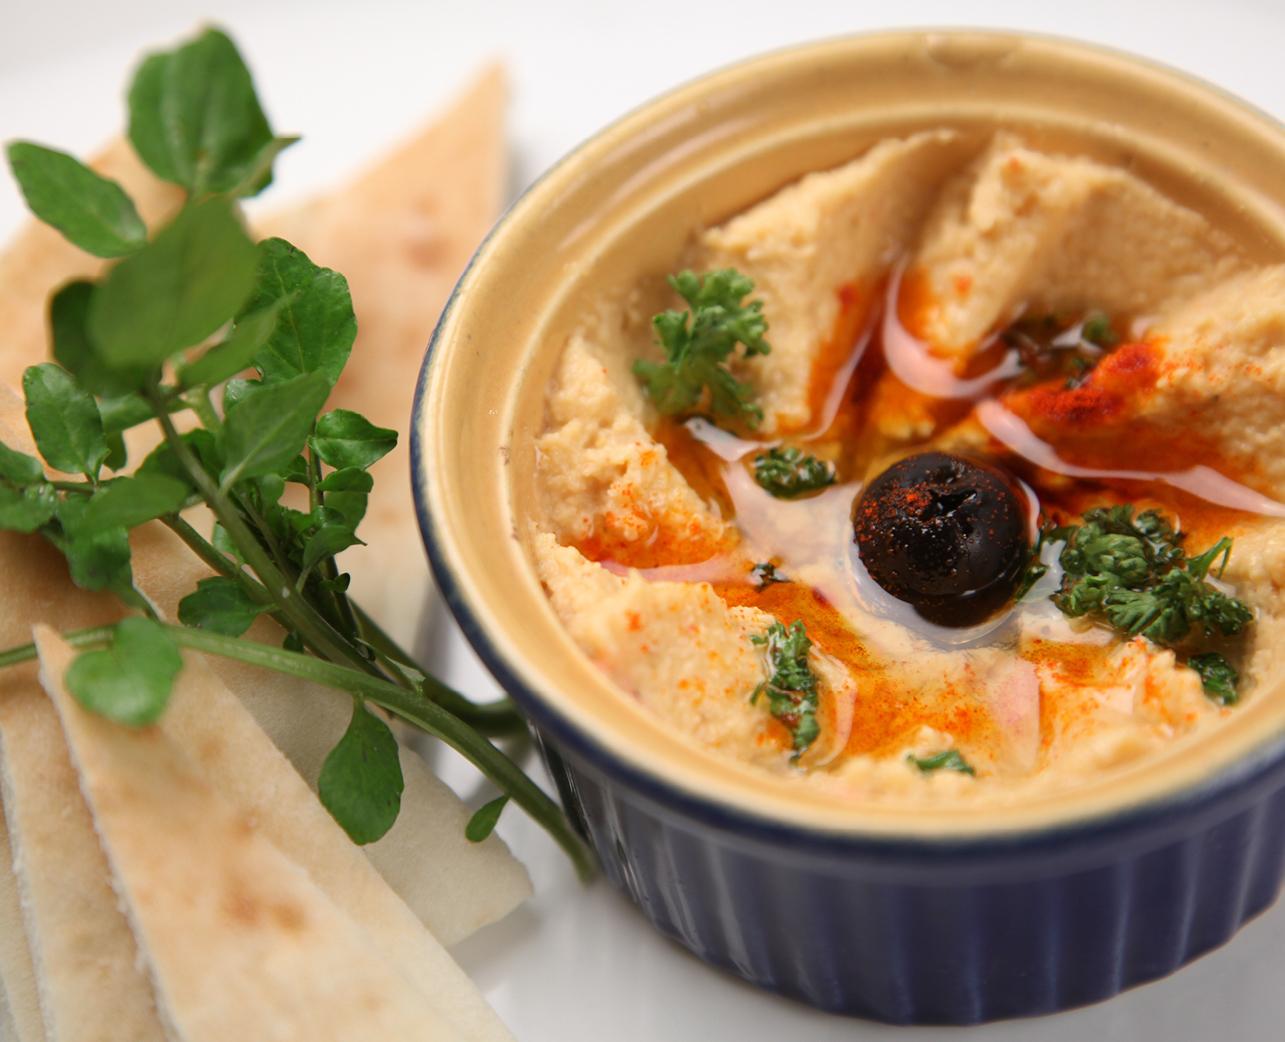 Hummus Appreciation Society (HumSoc)